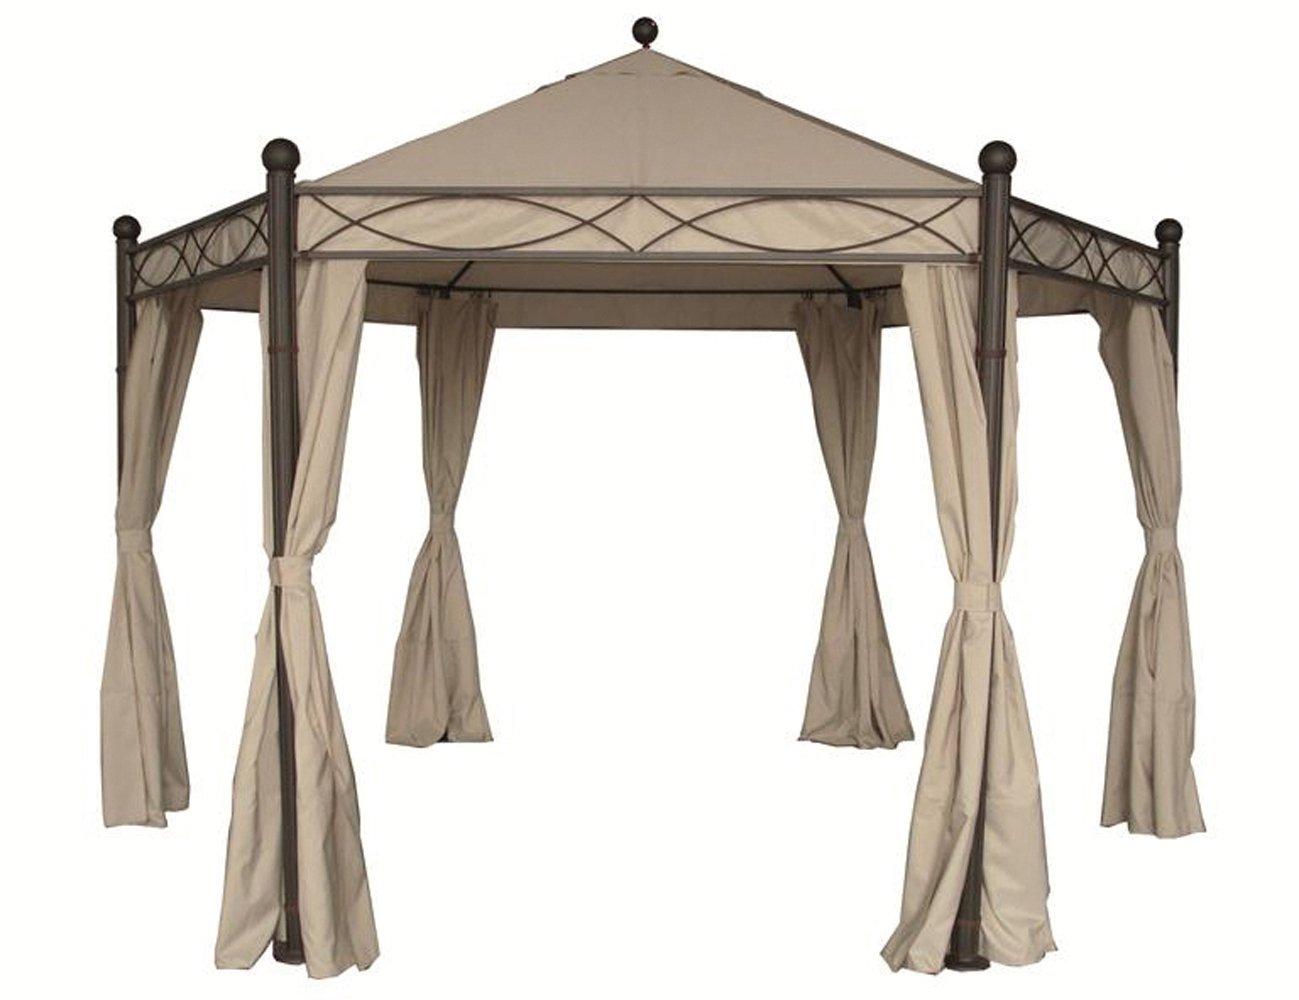 Siena Garden 577524 Pavillon Kenia II, Dach u. Seitenteile, L 200 x 6 Seiten x H 295  Ø385, natur